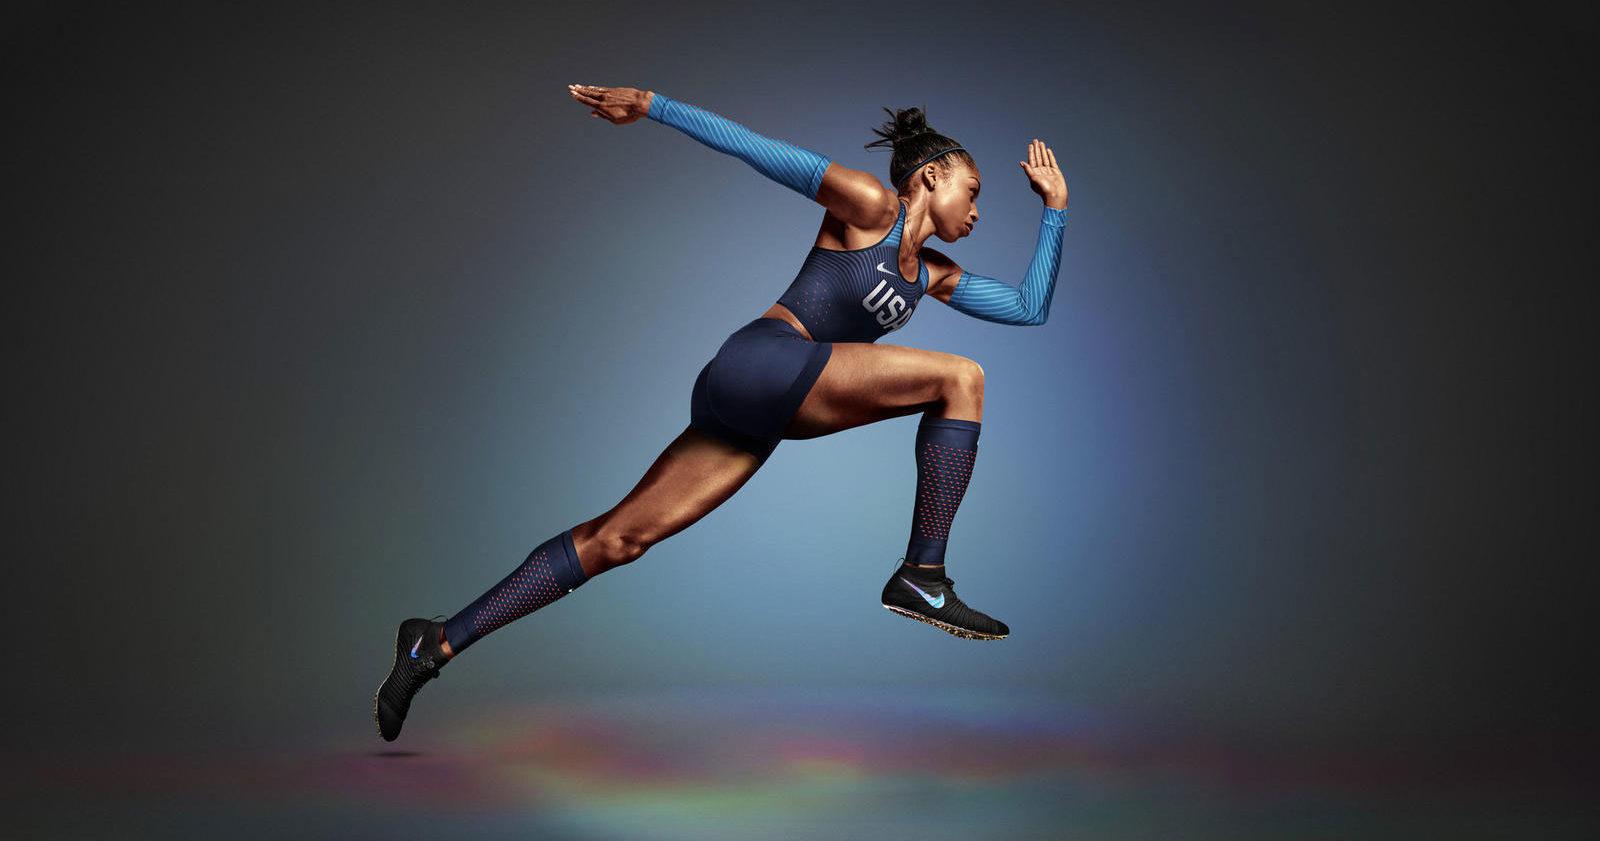 Neden Bekliyorsunuz! Yapın Gitsin! Nike ile Mümkün